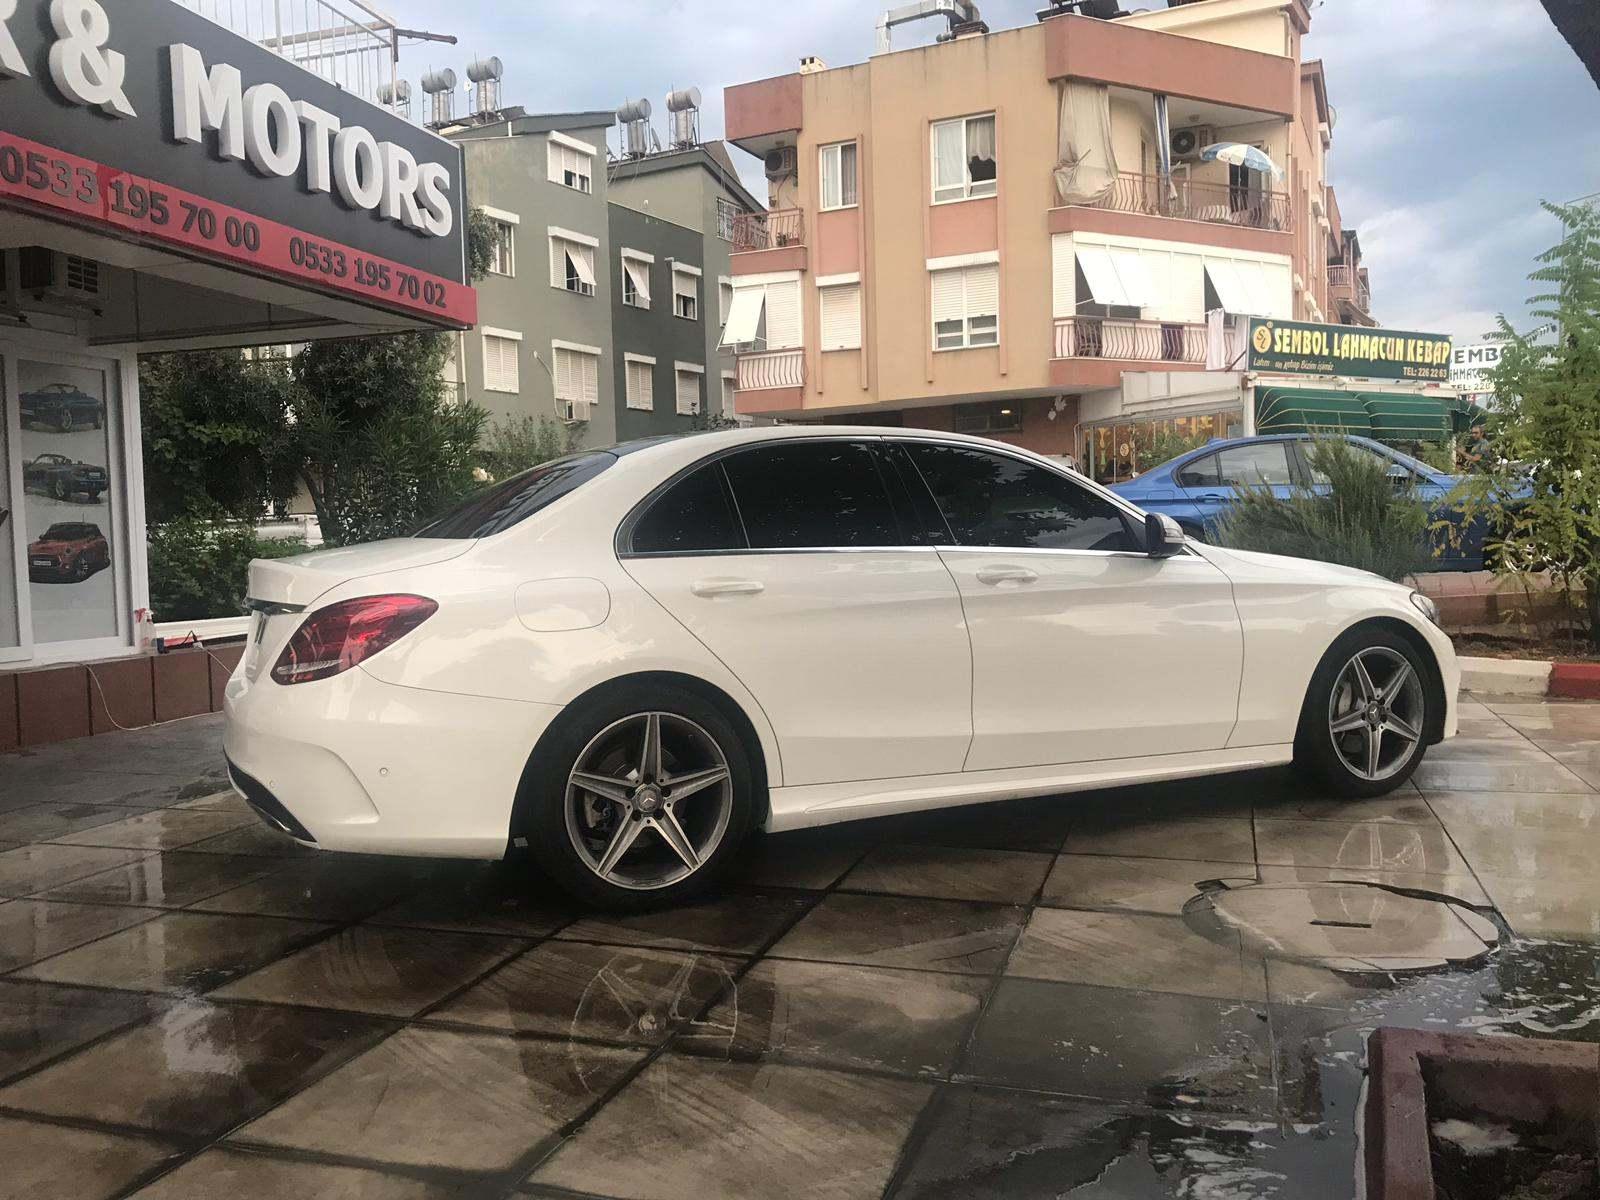 Аренда Mercedes C180 в Анталии